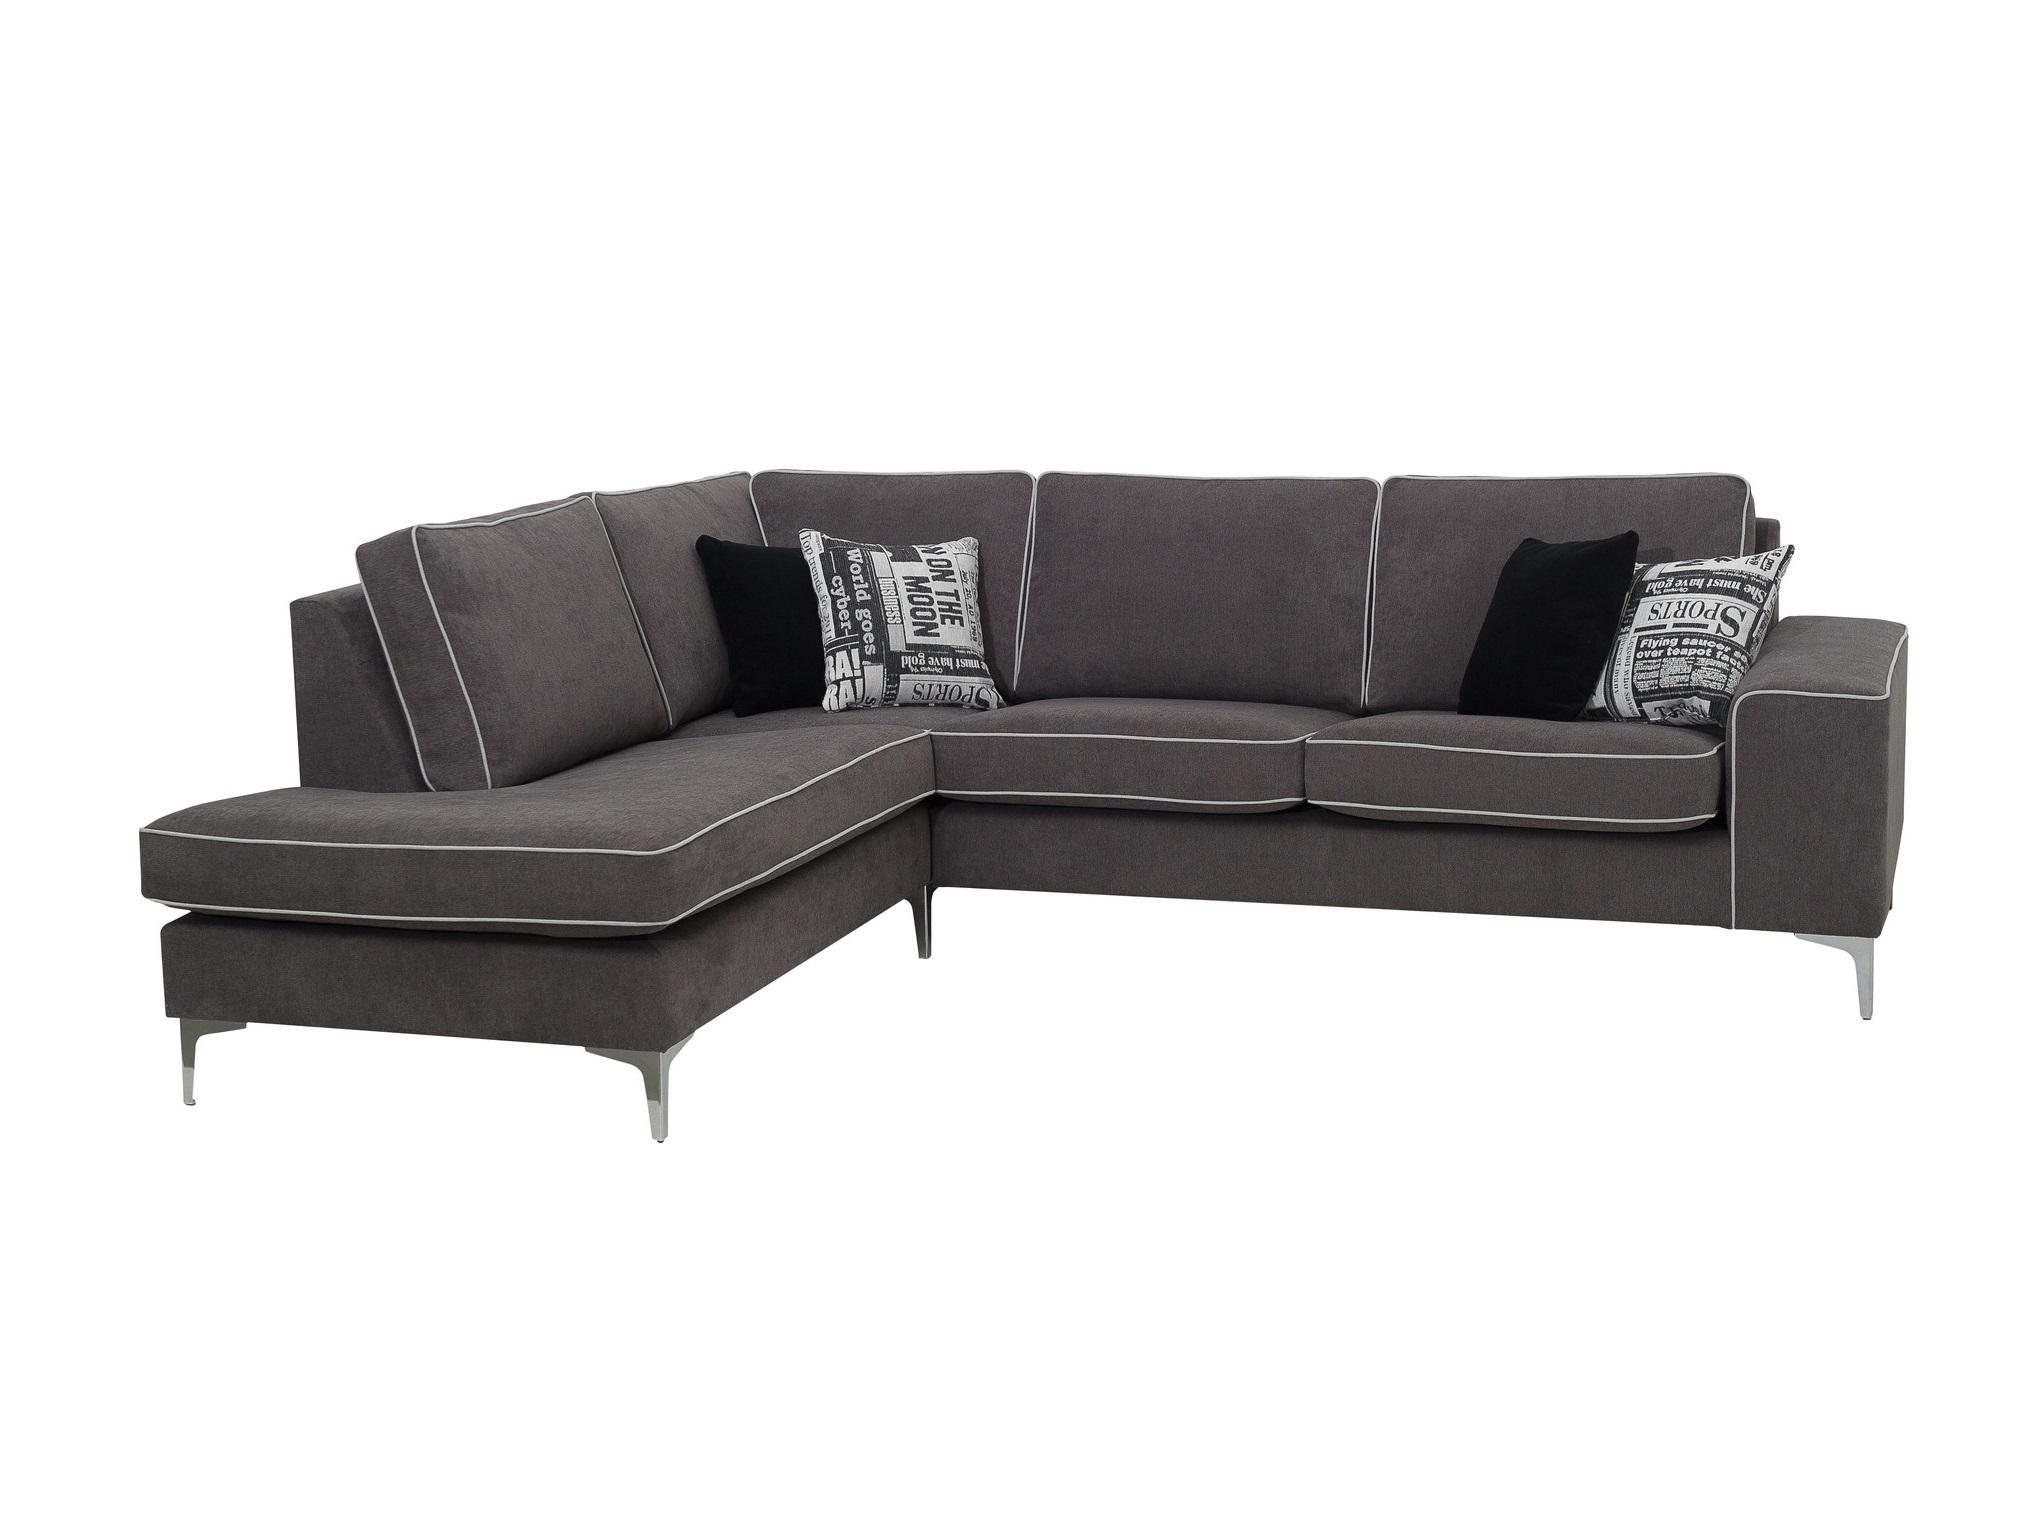 Угловой диван ХарстадУгловые диваны<br>Угловой диван Харстад оригинальный и удобный. Его мягкие подушки спинки и плотные подушки сидения делают отдых на диване комфортным. На широком подлокотнике можно расположить ноутбук  или планшет. Не разбирается. Угол можно выбрать самому (угол определяется сидя на диване).&amp;amp;nbsp;&amp;lt;div&amp;gt;&amp;lt;br&amp;gt;&amp;lt;/div&amp;gt;&amp;lt;div&amp;gt;Каркас (комбинации дерева, фанеры и ЛДСП). Для сидячих подушек используют пену различной плотности, а также перо и силиконовое волокно. Для задних подушек есть пять видов наполнения: пена, измельченная пена, пена высокой эластичности, силиконовые волокно.&amp;amp;nbsp;&amp;lt;/div&amp;gt;&amp;lt;div&amp;gt;Материал обивки: Шенилл. Состав: 90% полиэстер, 10% полиамид.&amp;lt;/div&amp;gt;<br><br>Material: Текстиль<br>Ширина см: 268.0<br>Высота см: 85.0<br>Глубина см: 214.0